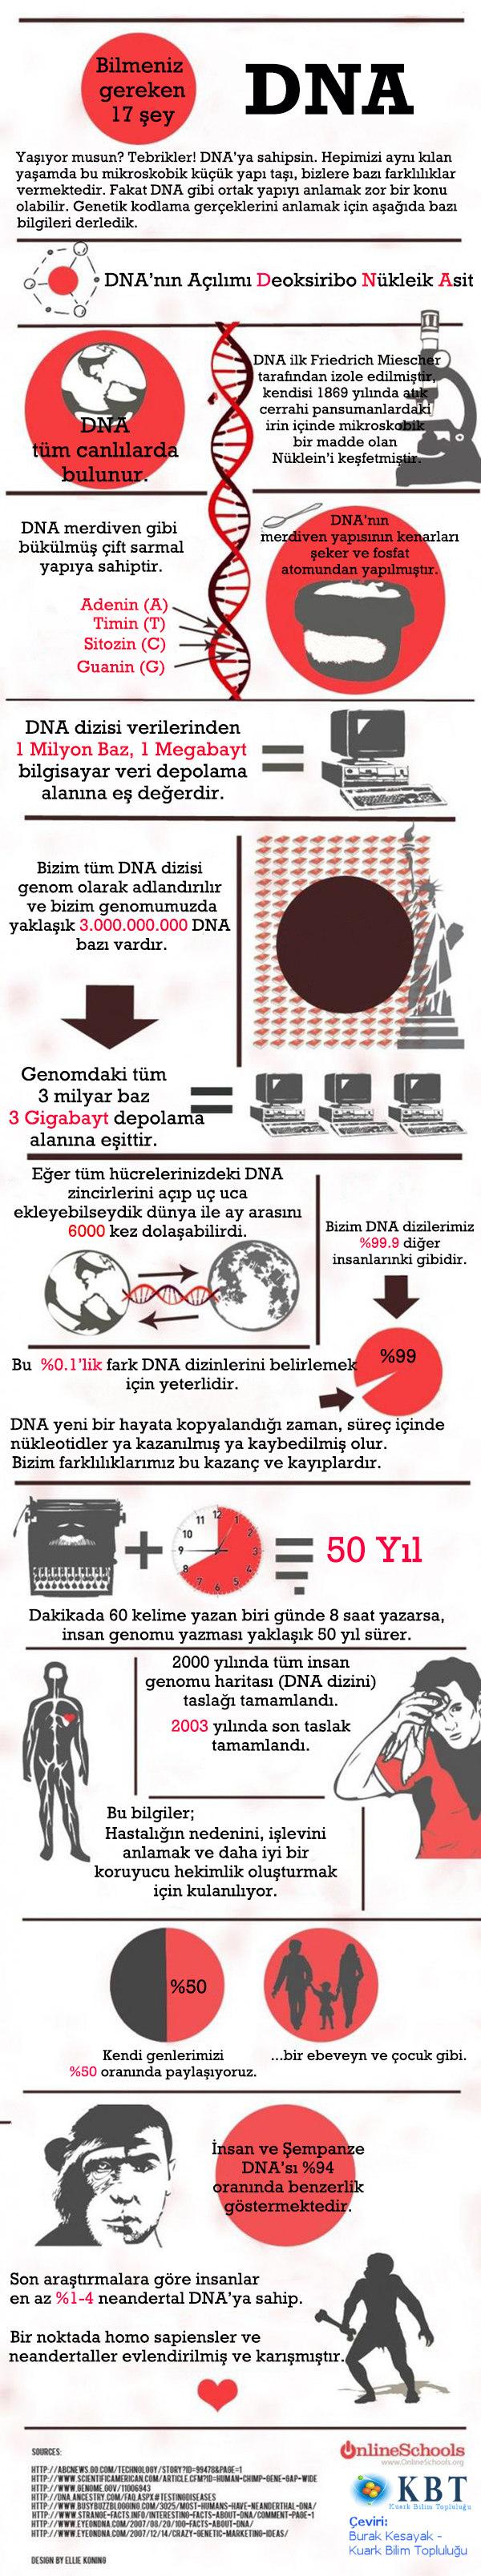 OnlineSchools'un hazırladığı ve Türkçeleştirdiğimiz DNA bilgi-grafiği